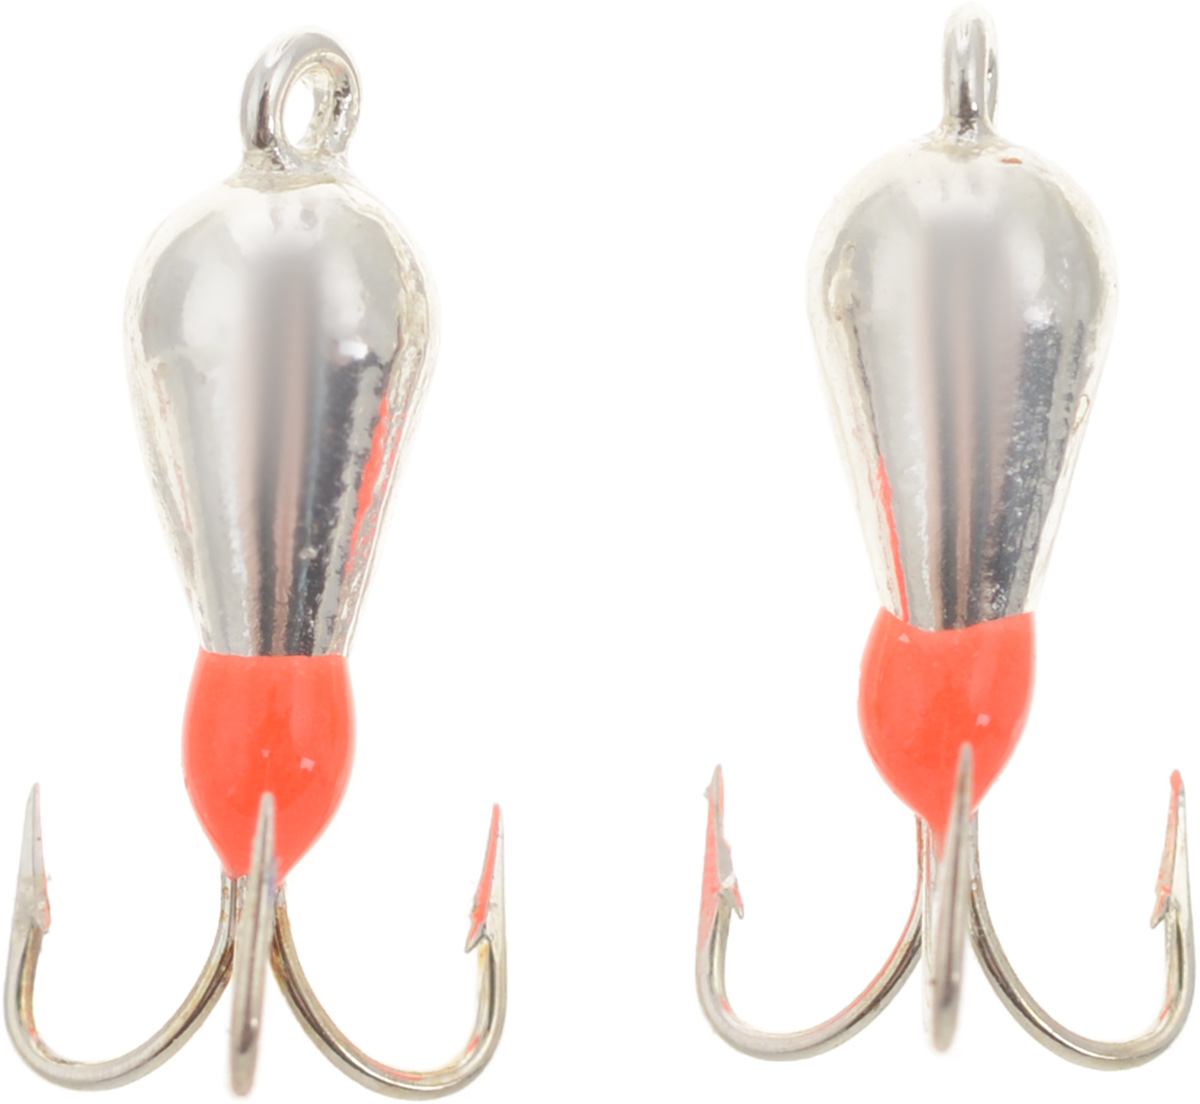 Чертик вольфрамовый Finnex, цвет: серебристый, оранжевый, 0,56 г, 2 штPH5671Вольфрамовый чертик Finnex - одна из самых популярных приманок для ловли леща, плотвы и другой белой рыбы. Особенно хорошо работает приманка на всевозможных водохранилищах. Не пропустит ее и другая рыба, в том числе окунь, судак и щука.